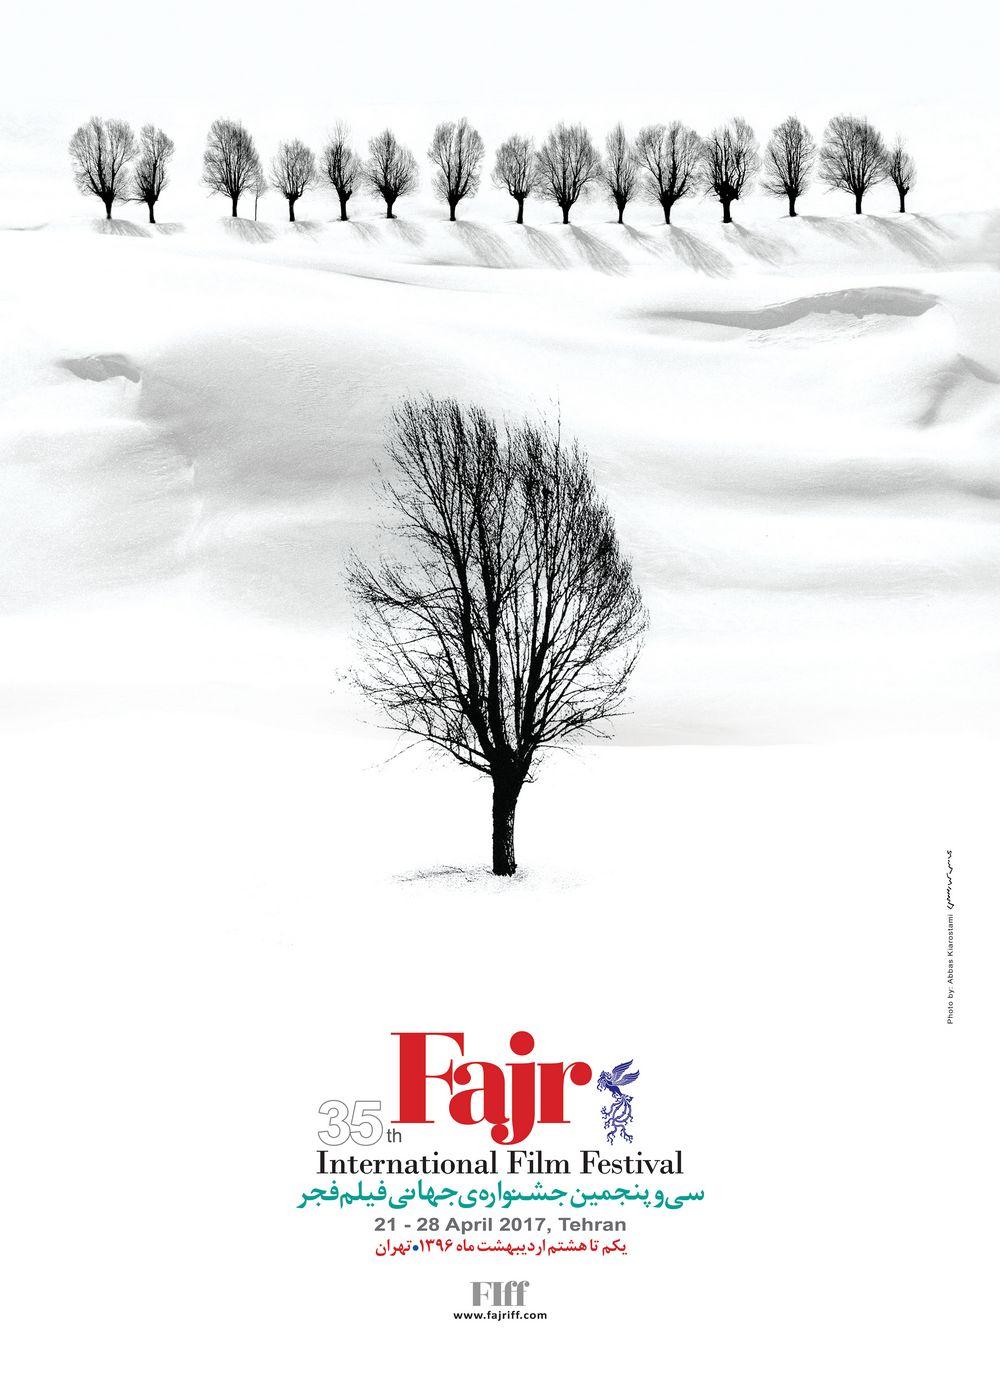 Check out Full List of Fajr Film Festival Winners on Thursday!